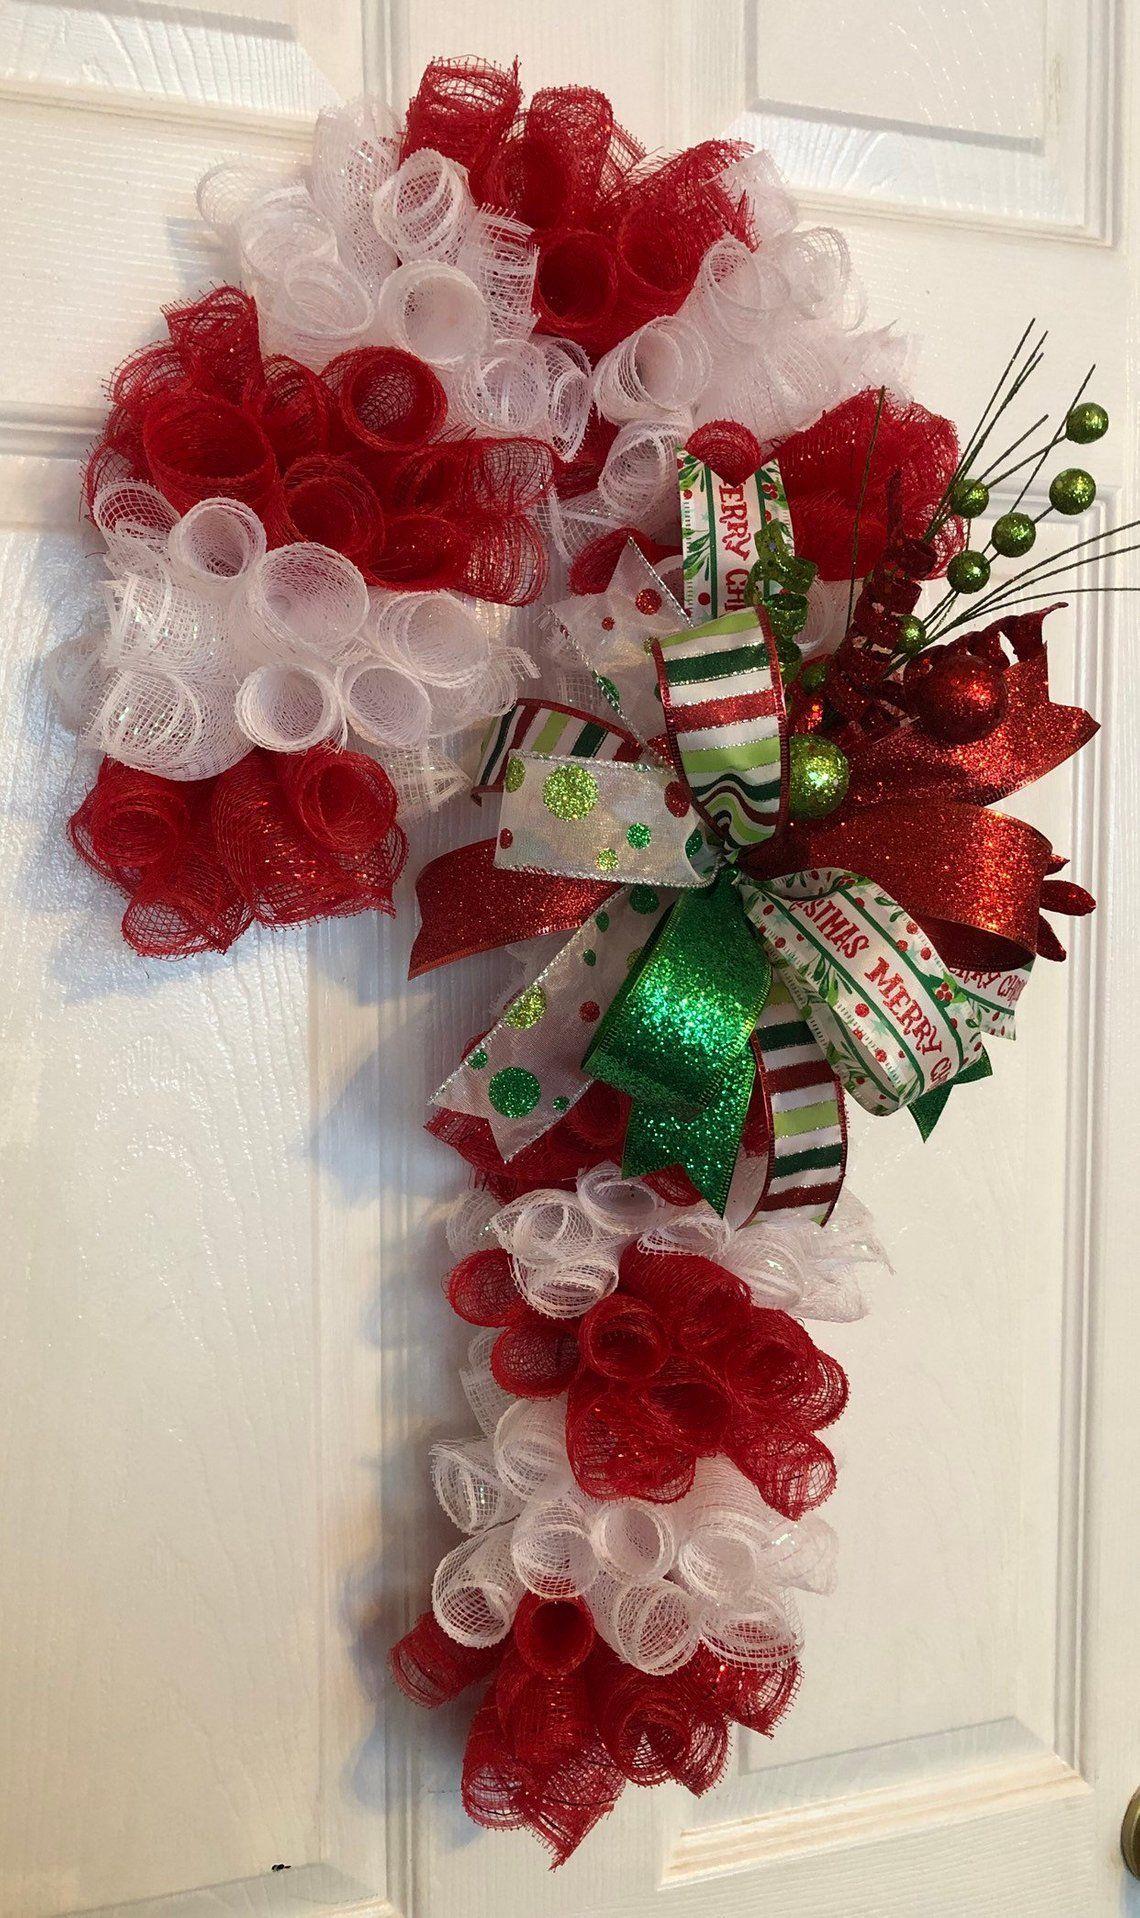 diy door hanger for wreath